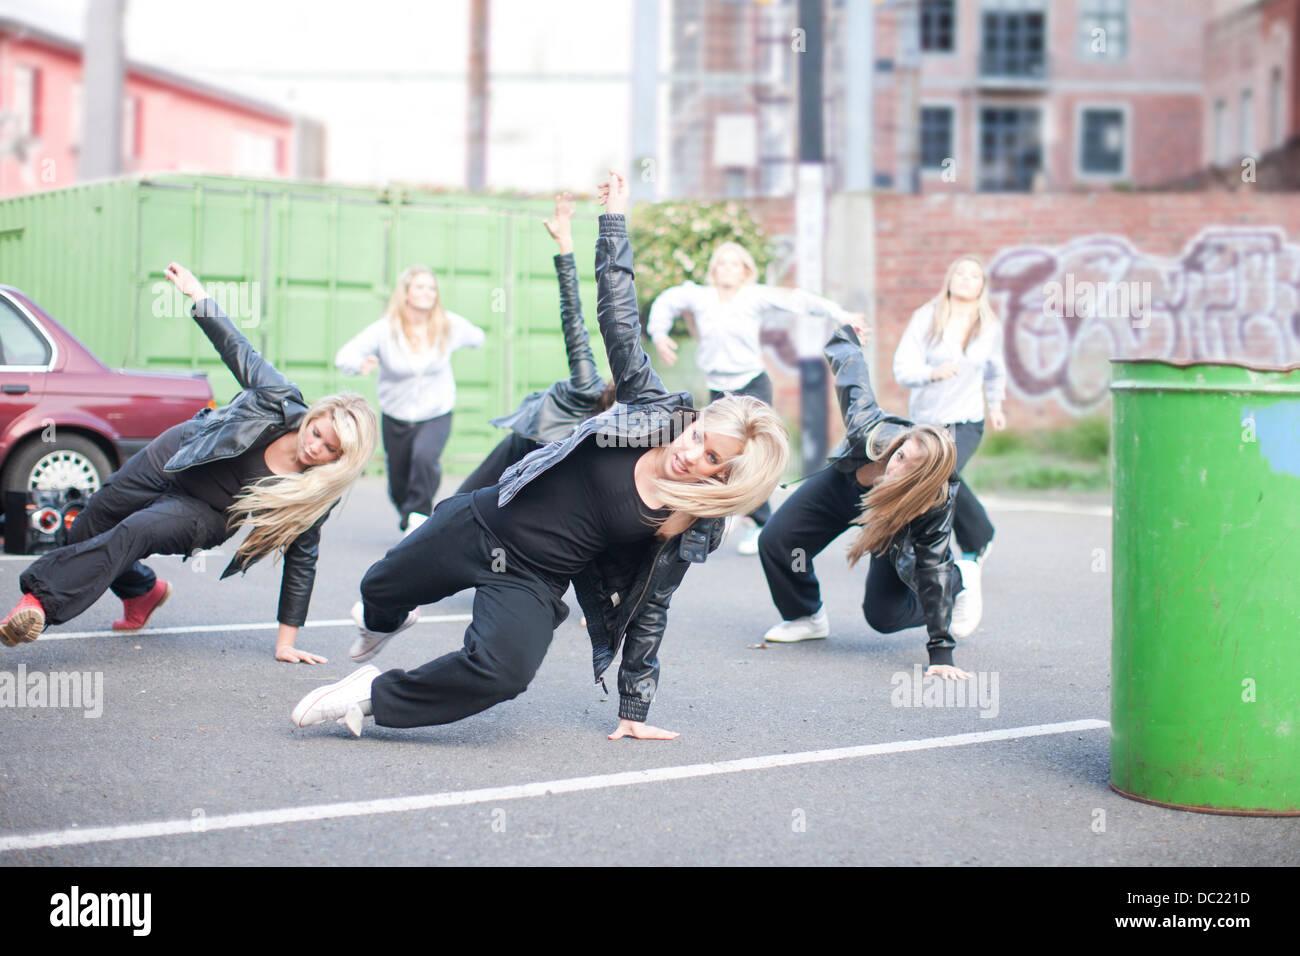 Pour pratiquer la danse se déplace dans parking Photo Stock